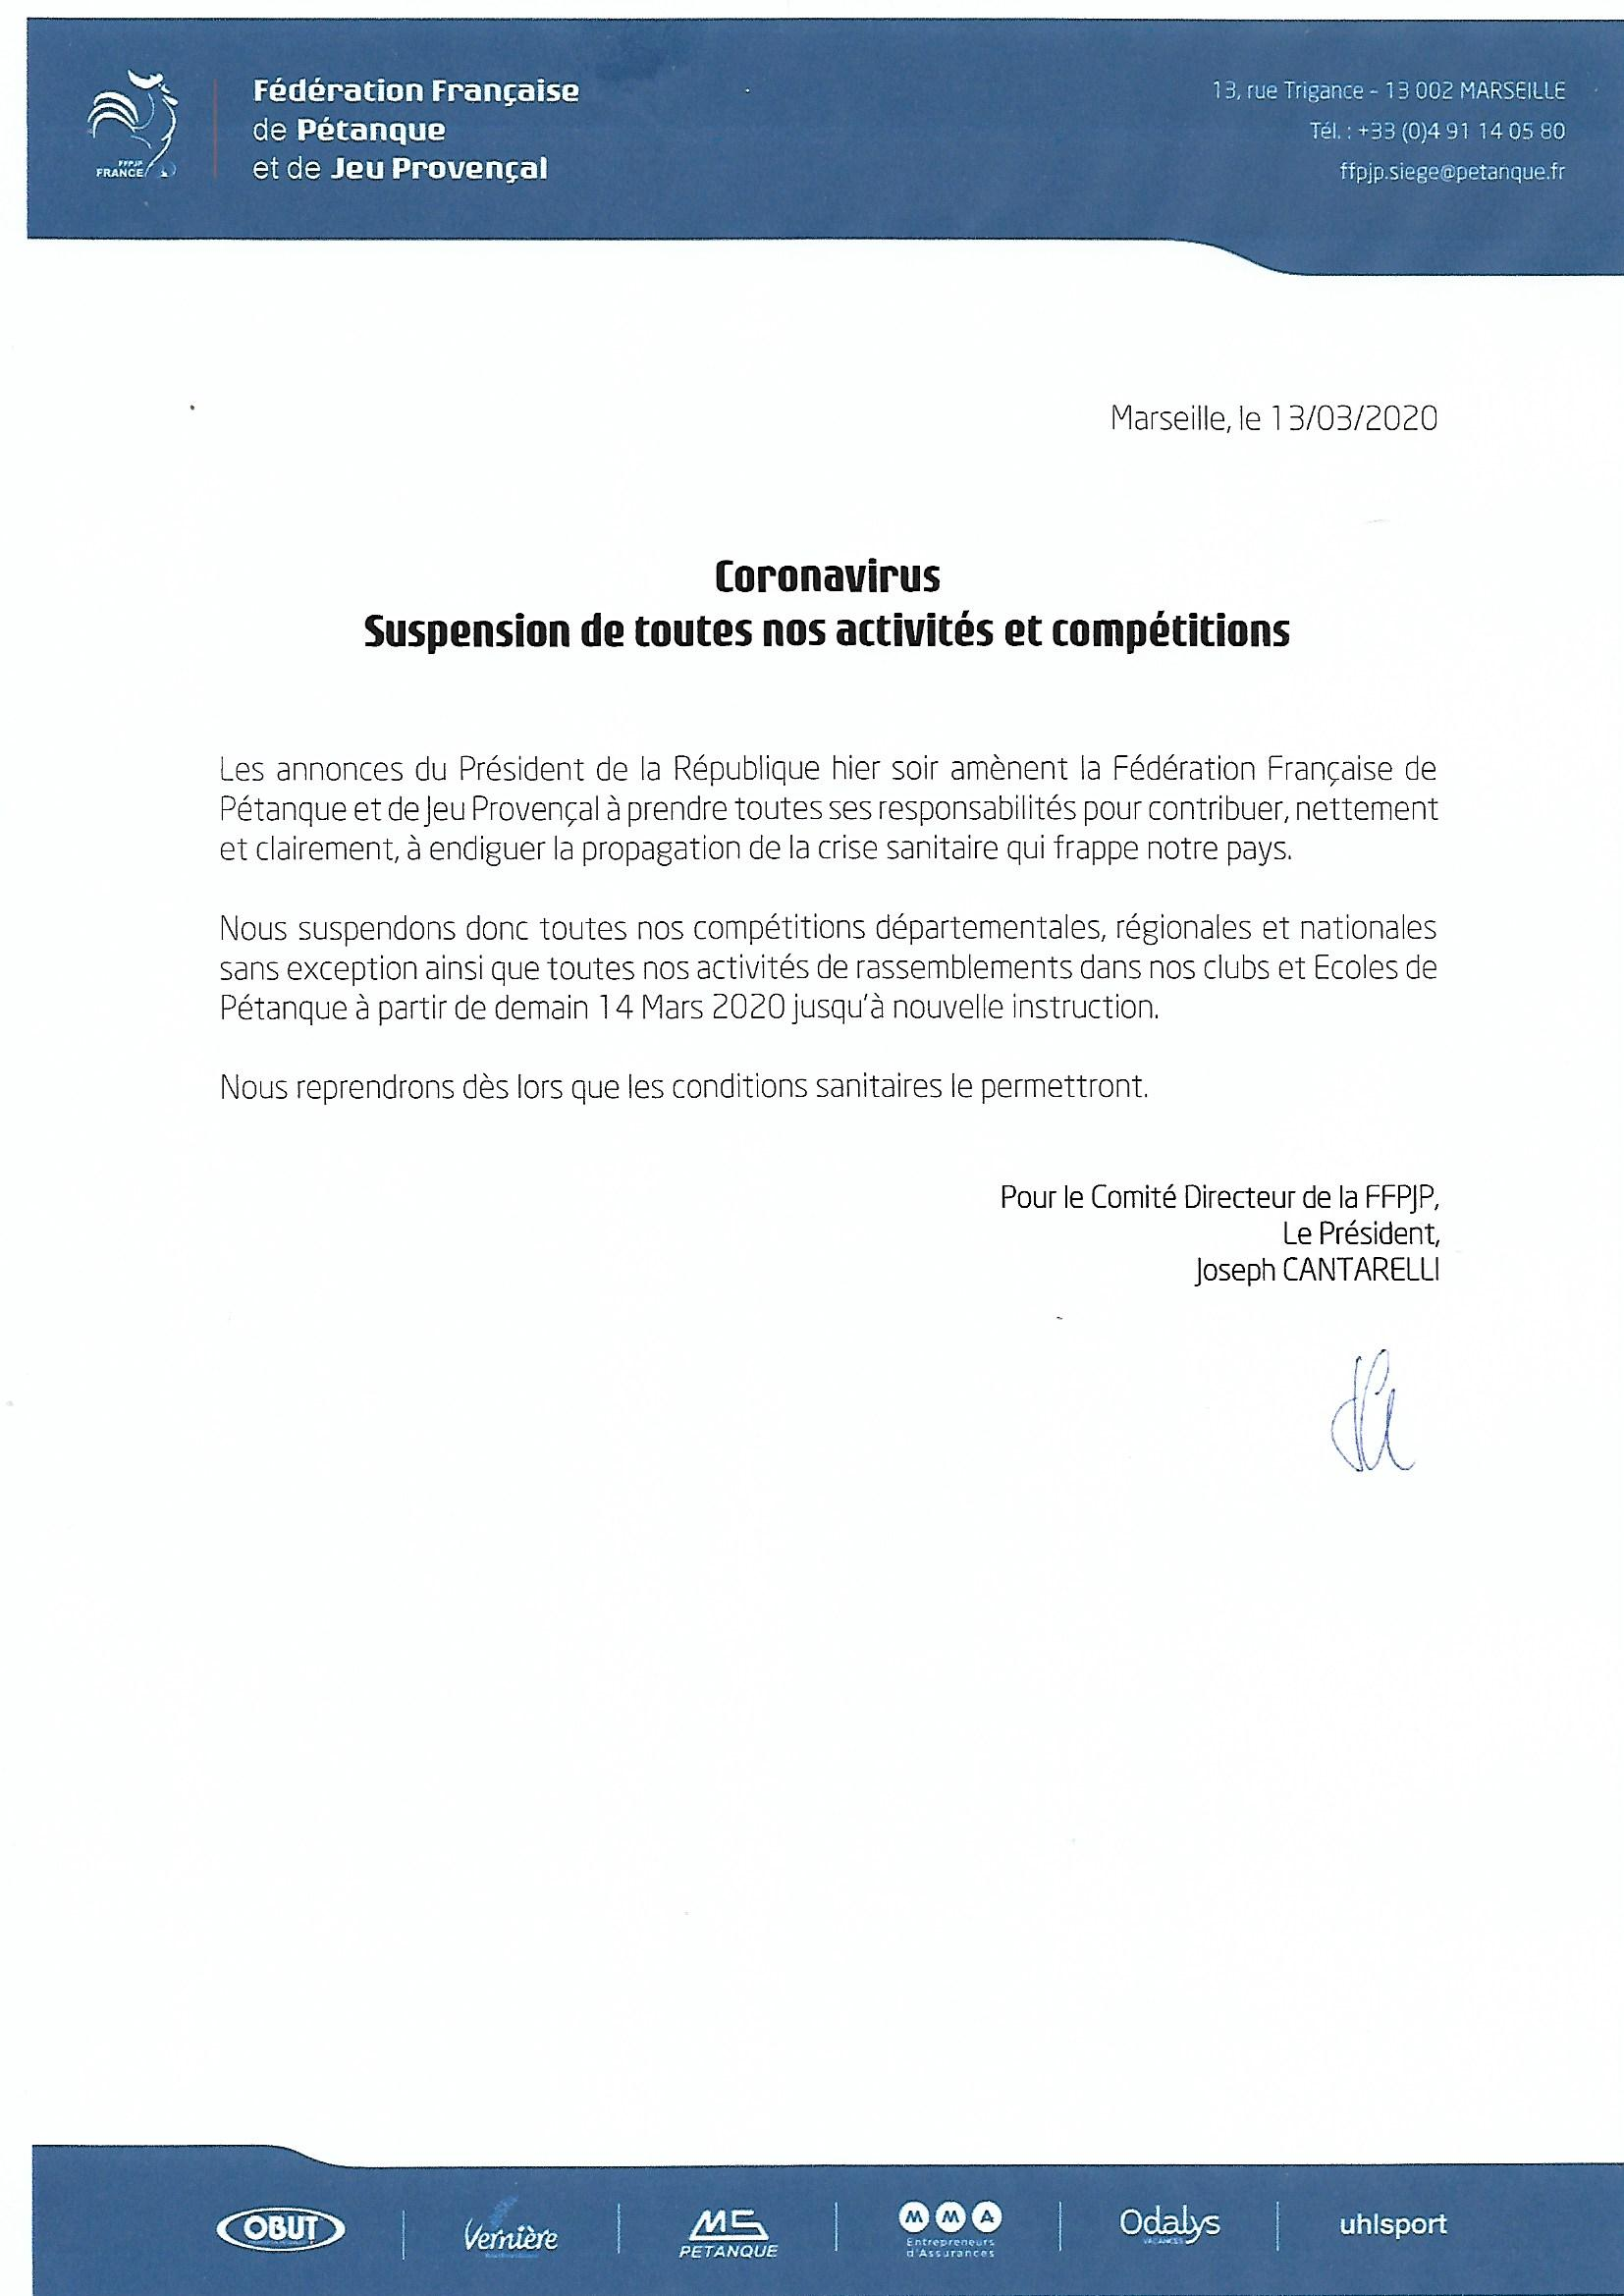 Communiqué CORONAVIRUS FFPJP